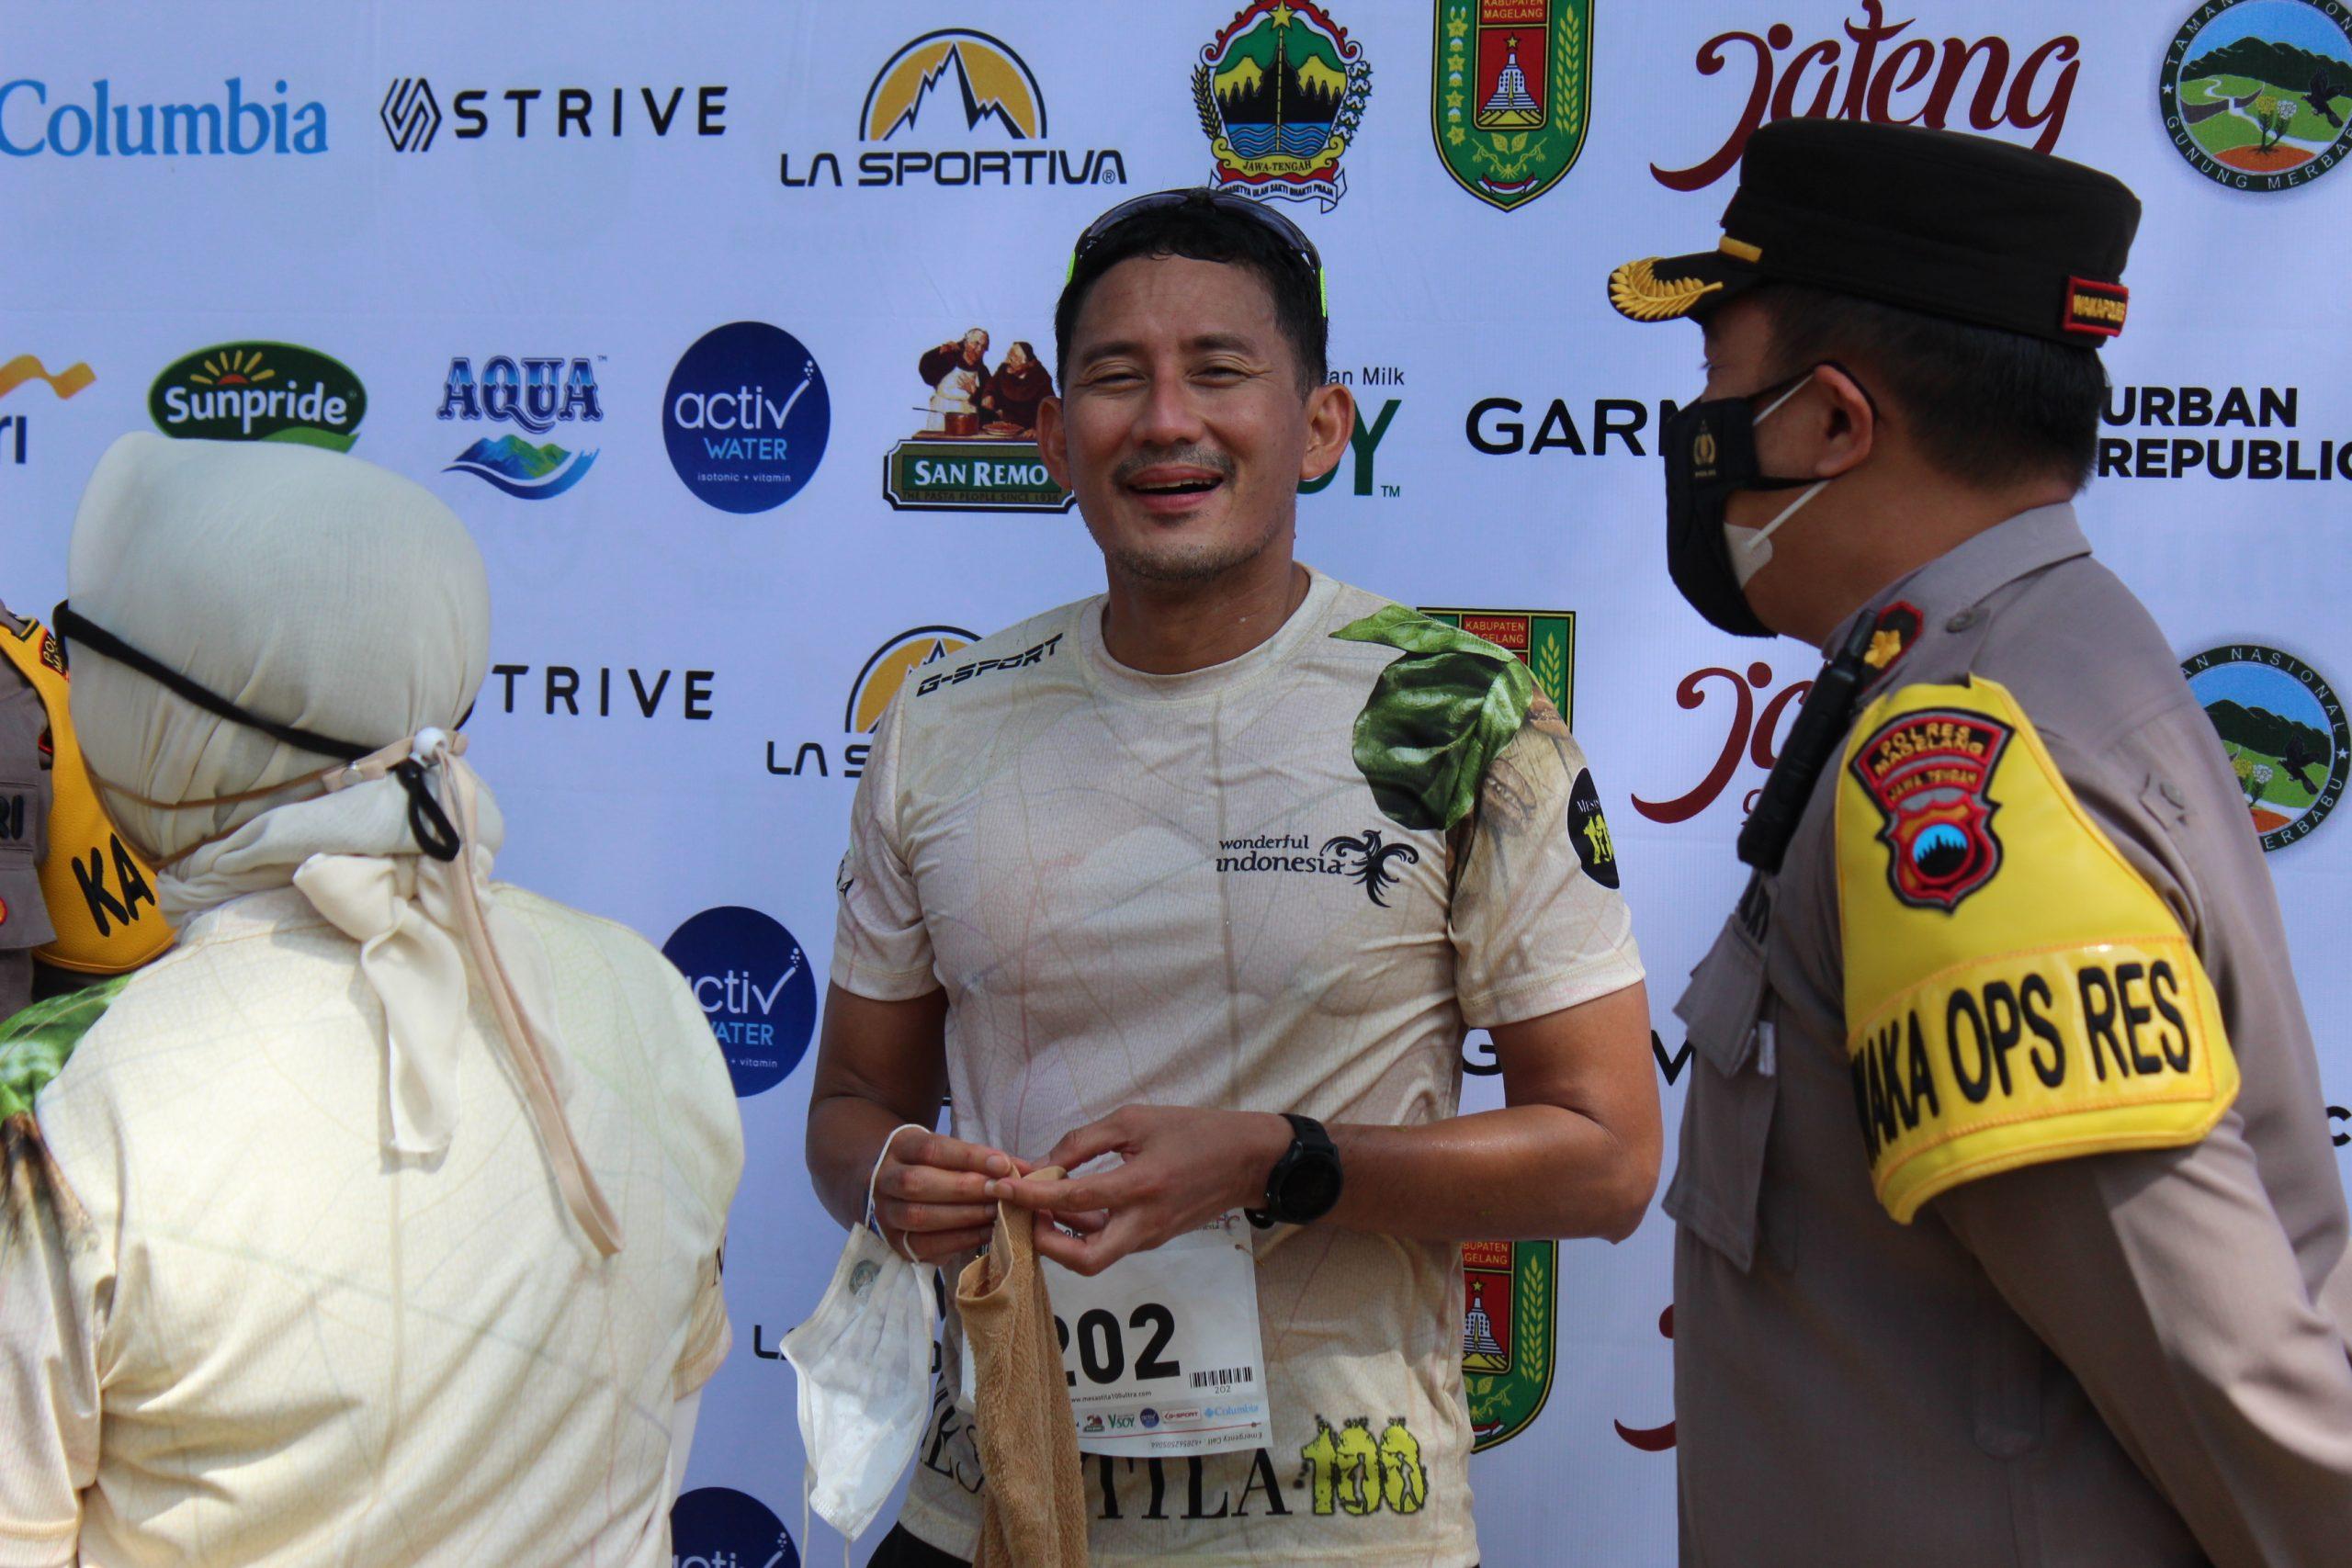 Menteri Pariwisata dan Ekonomi Kreatif Sandiaga Uno sesaat setelah menginjak garis finis setelah menyelesaikan kelas 12K di ajang MesaStila100Ultra di MesaStila Resort and Spa Magelang, Minggu (10/10/2021). Muhammad Nurseha/Lingkar.co